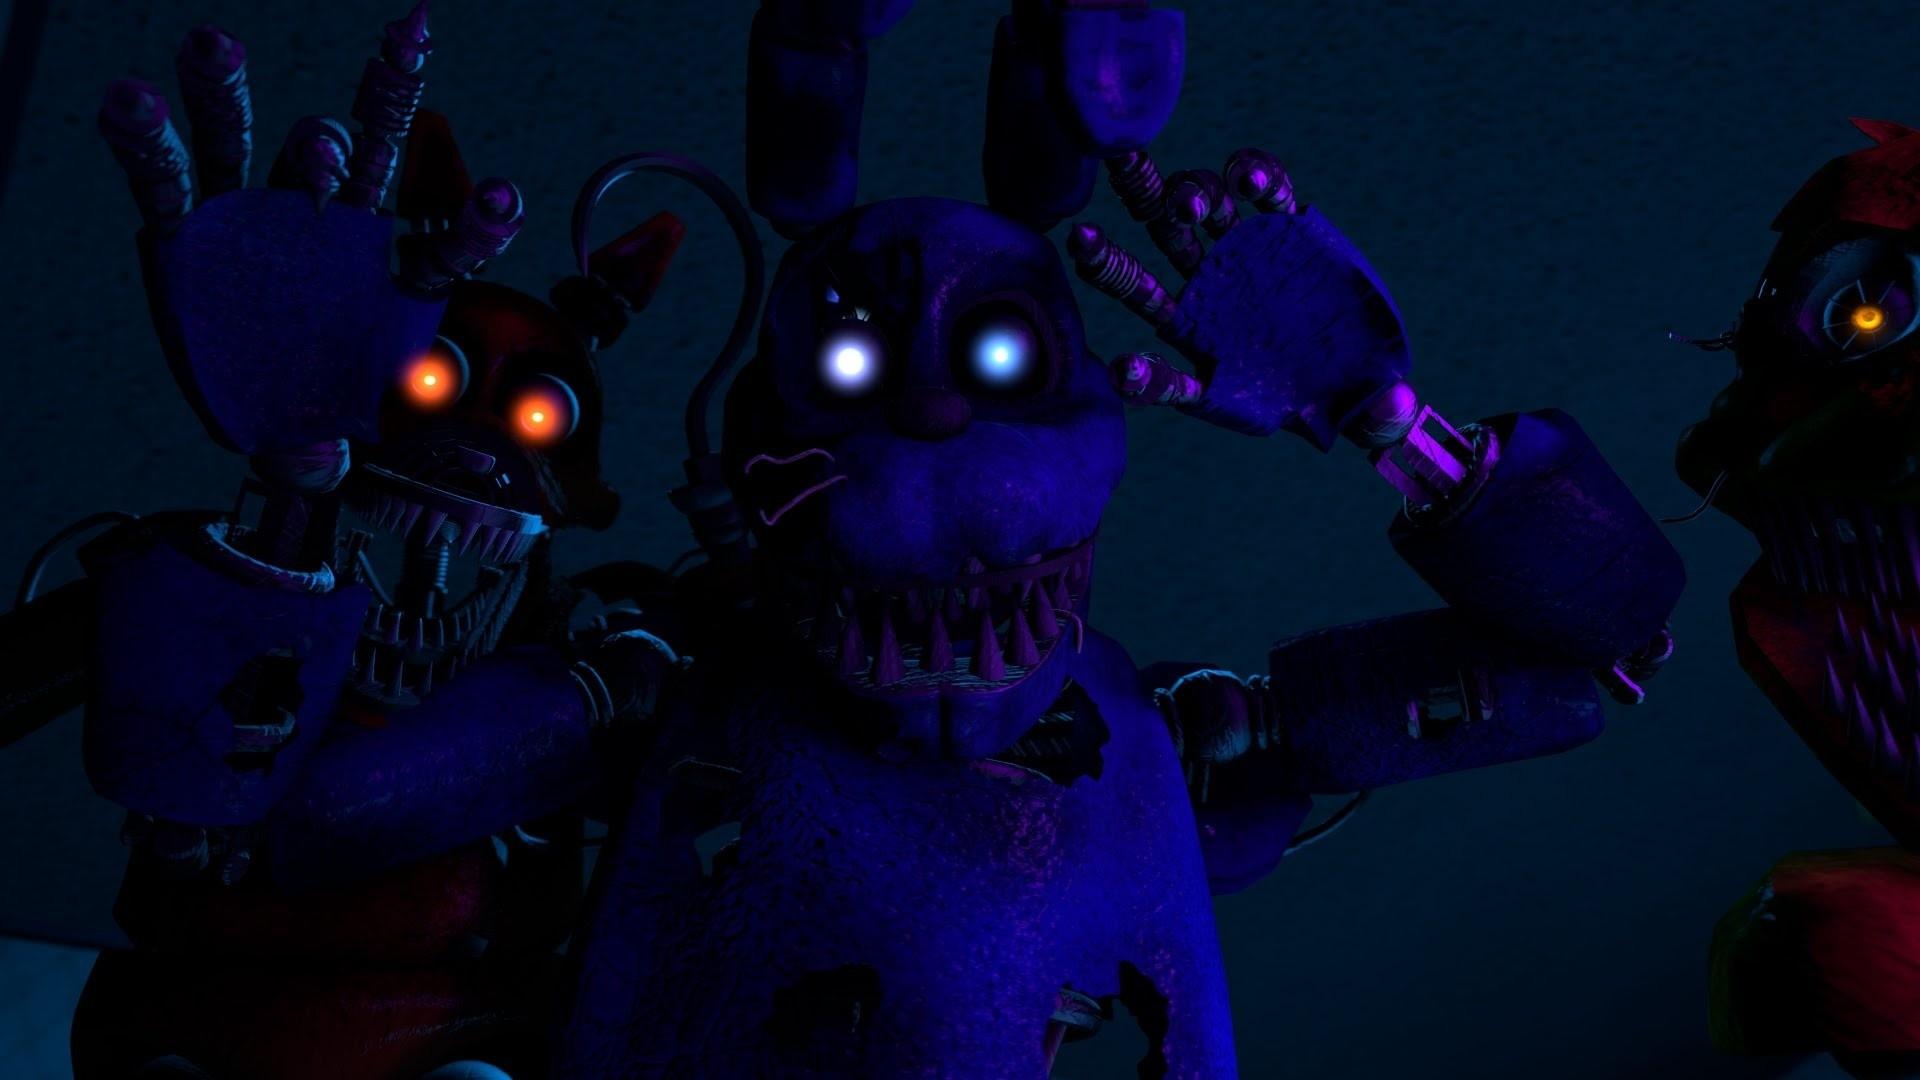 Fnaf, Bonnie, Five Nights At Freddys, Fnaf Bonnie